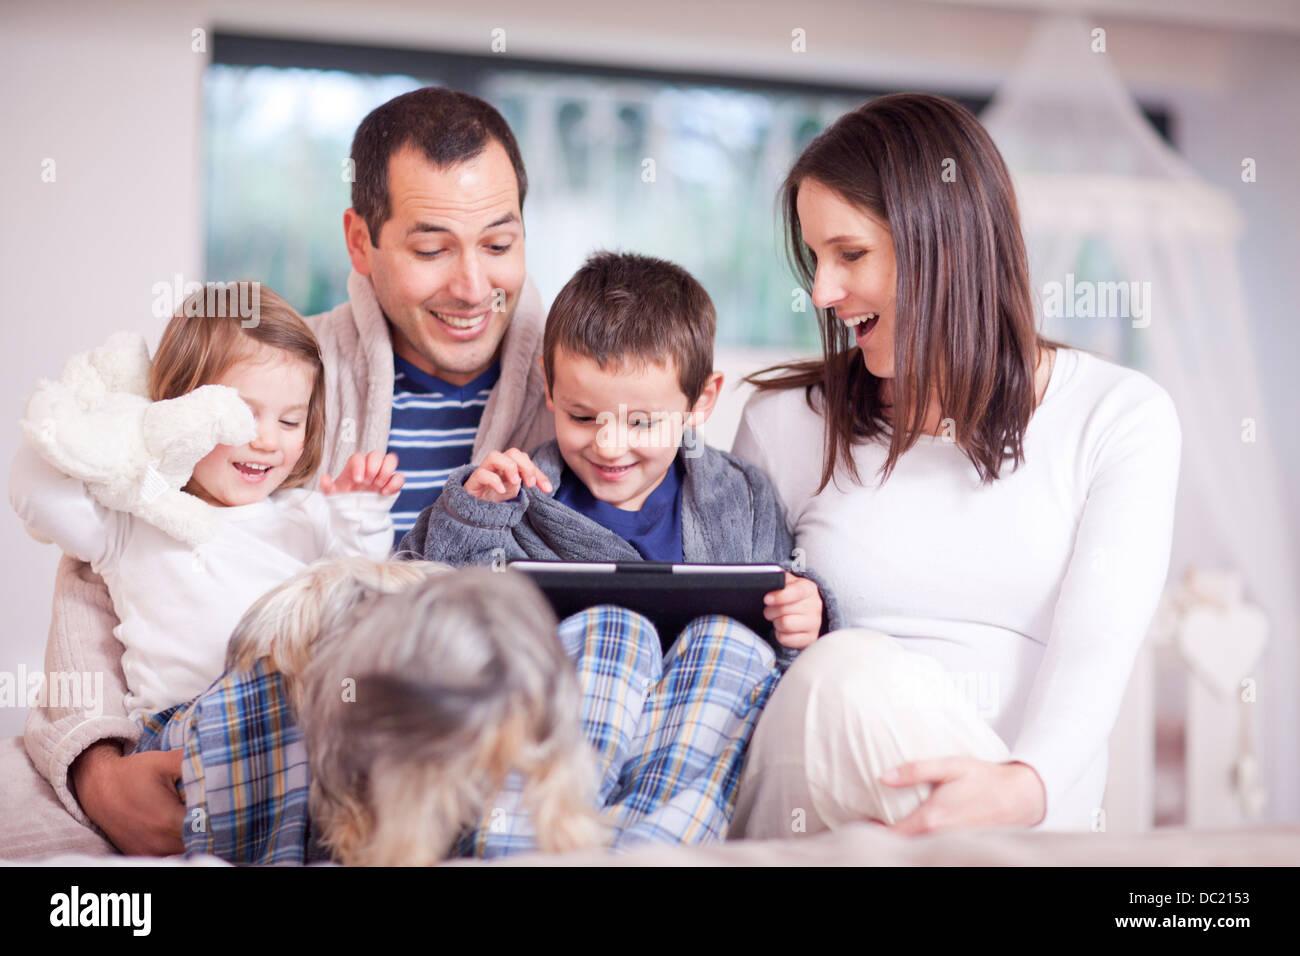 Los padres de familia, dos hijos y perro mirando a tableta digital Foto de stock